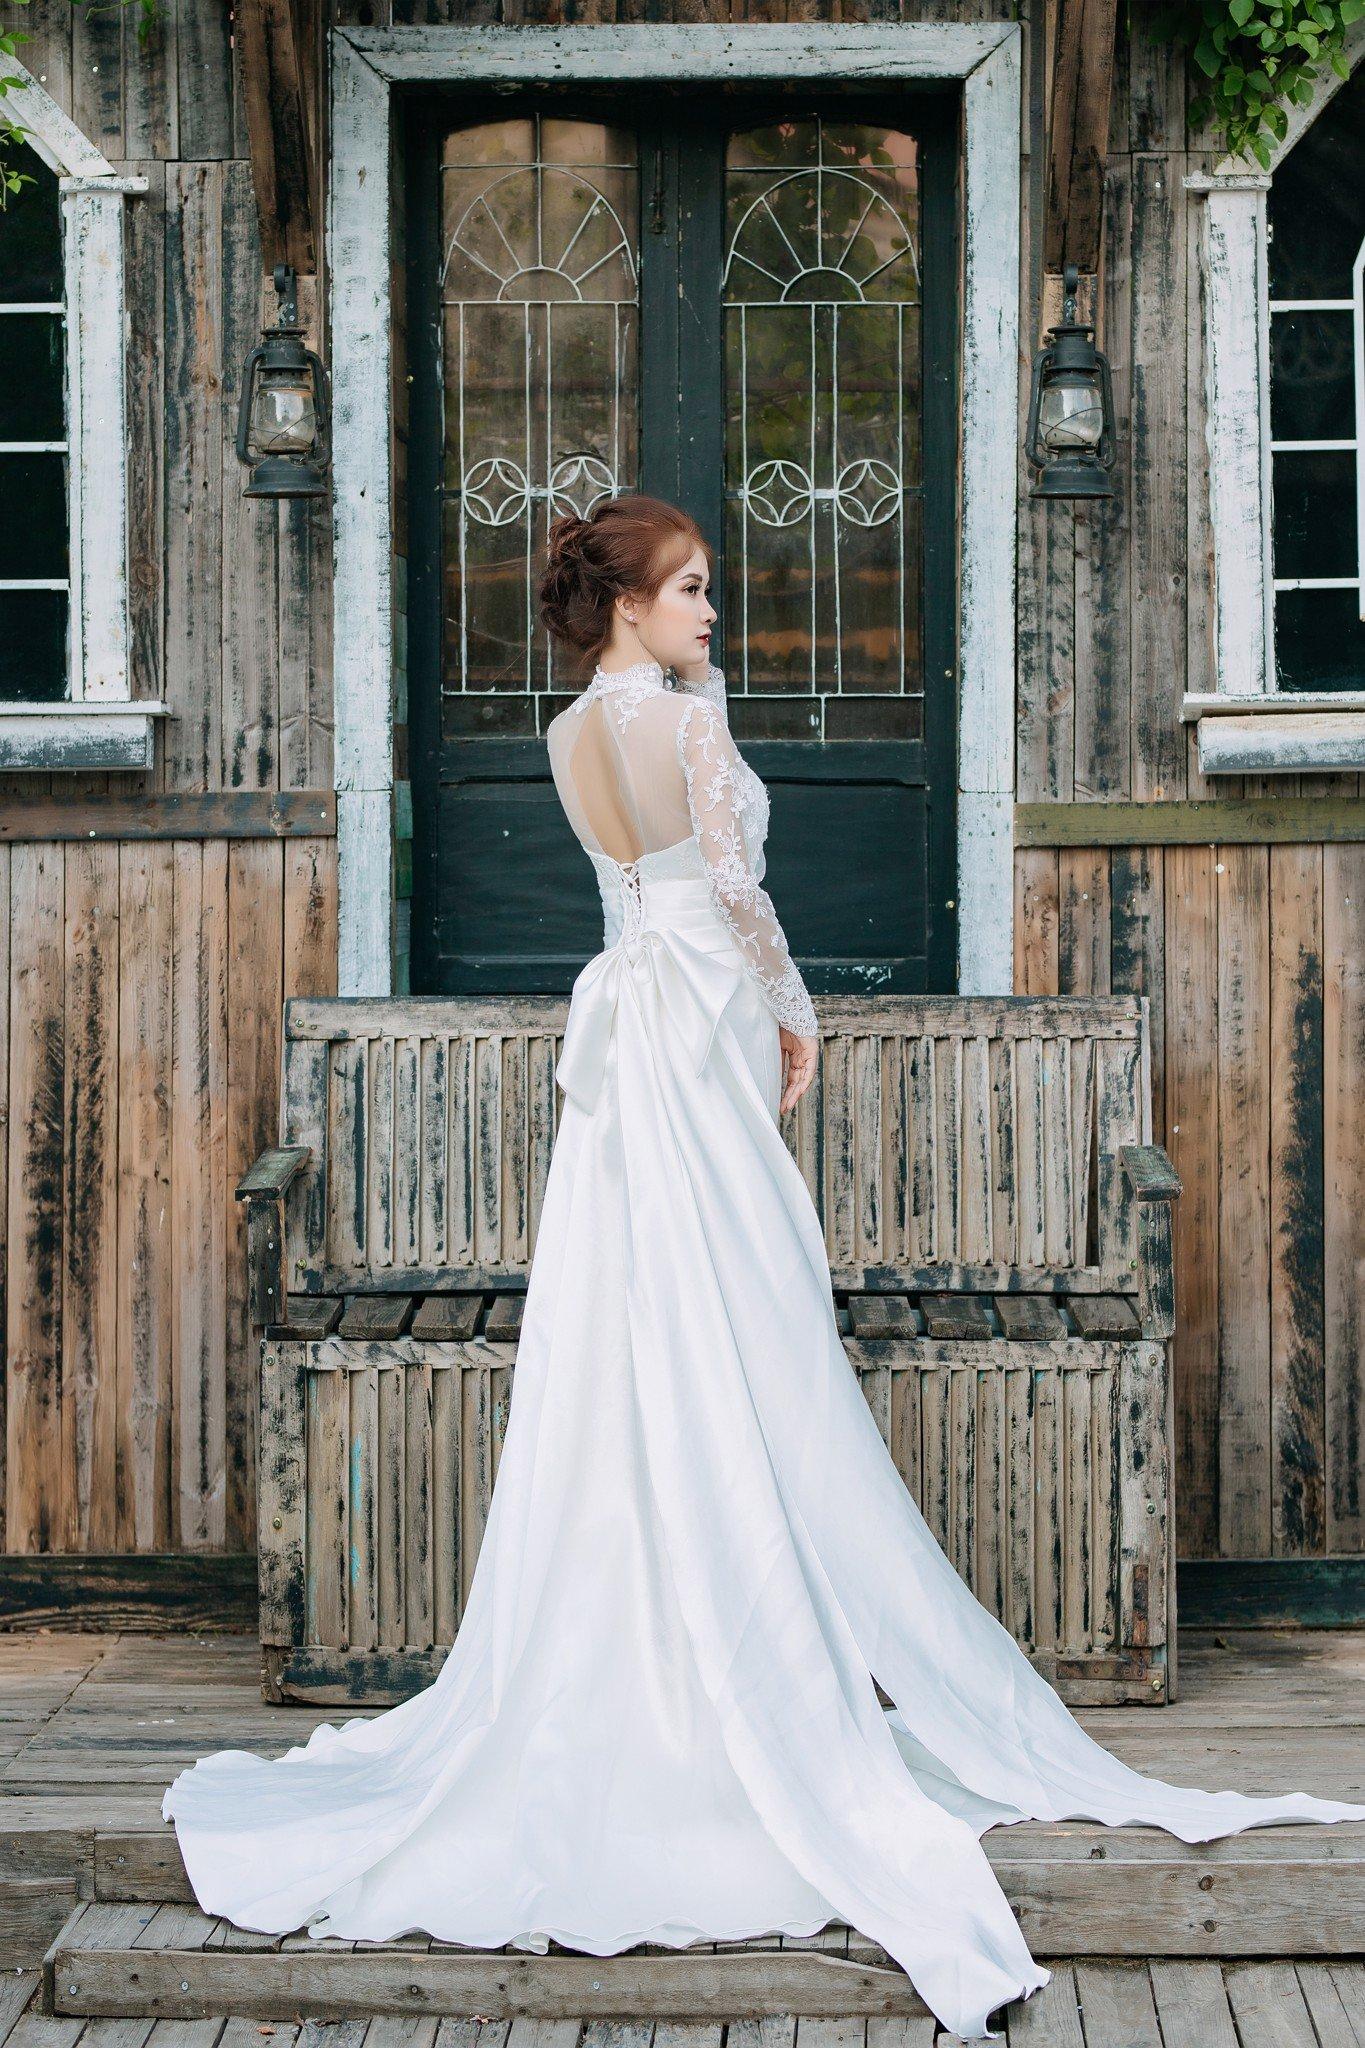 Đầm cưới Mia Selena thiết kế đuôi cá sang trọng (Trắng)